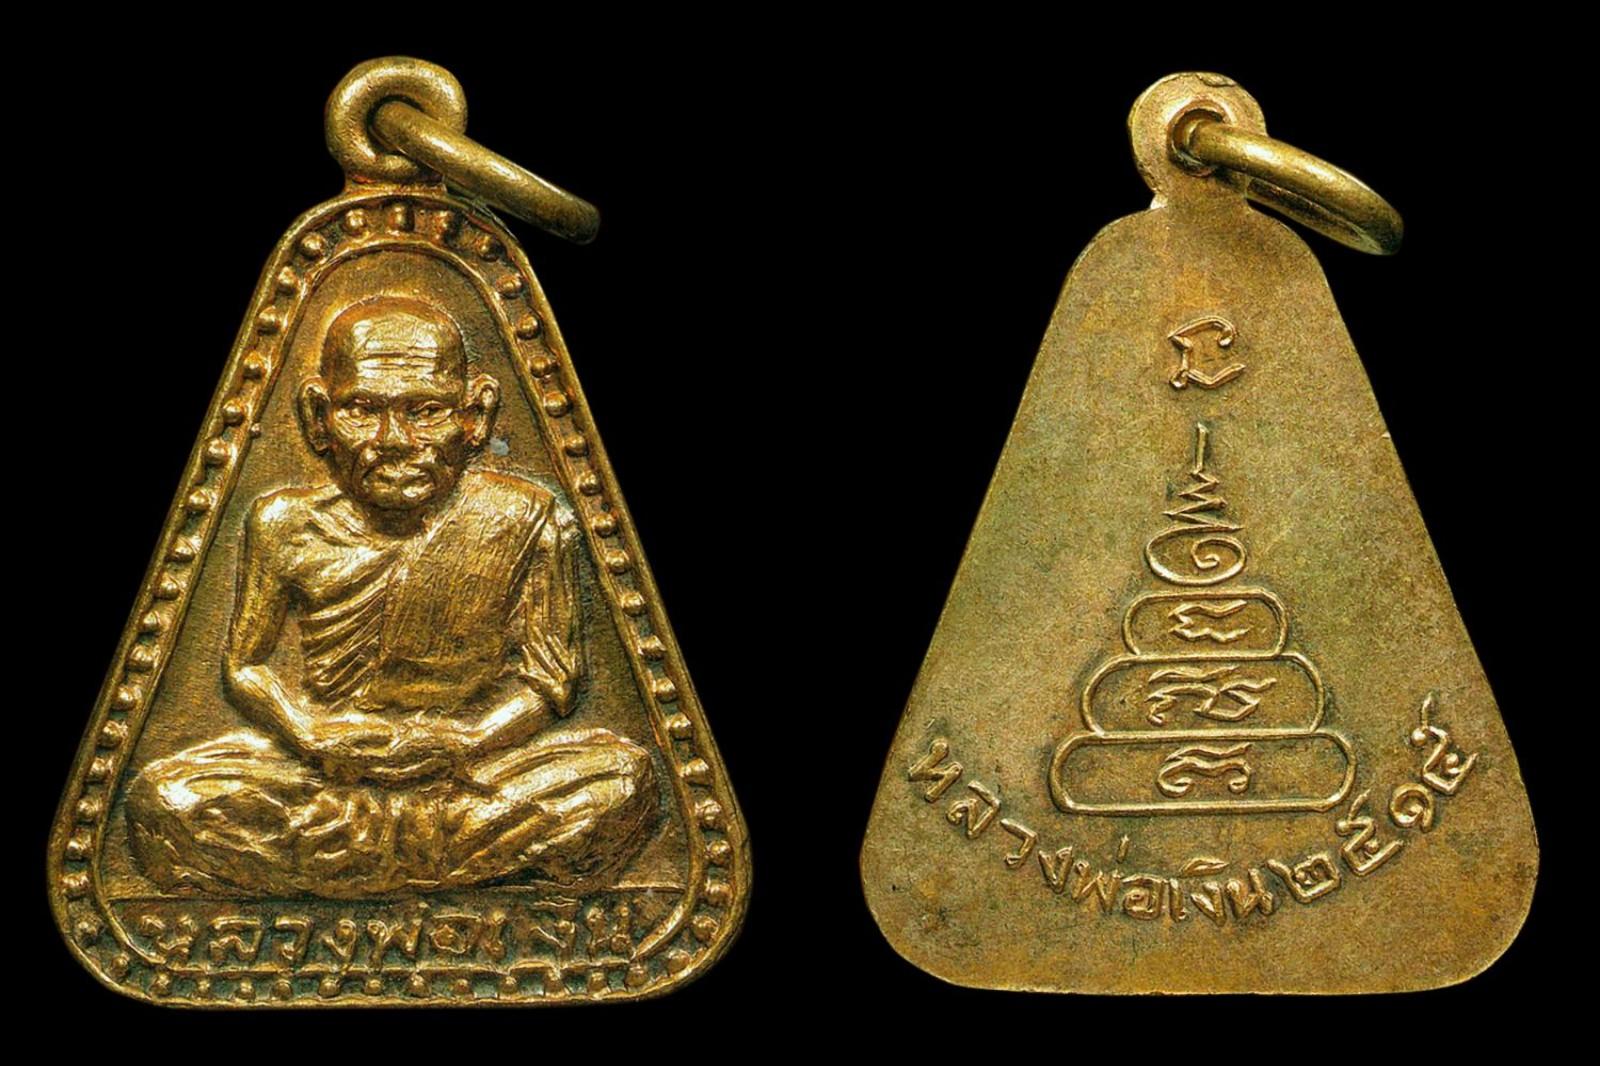 เหรียญหลักแสน เหรียญจอบใหญ่ หลวงพ่อเงิน วัดบางคลาน ปี 15 1